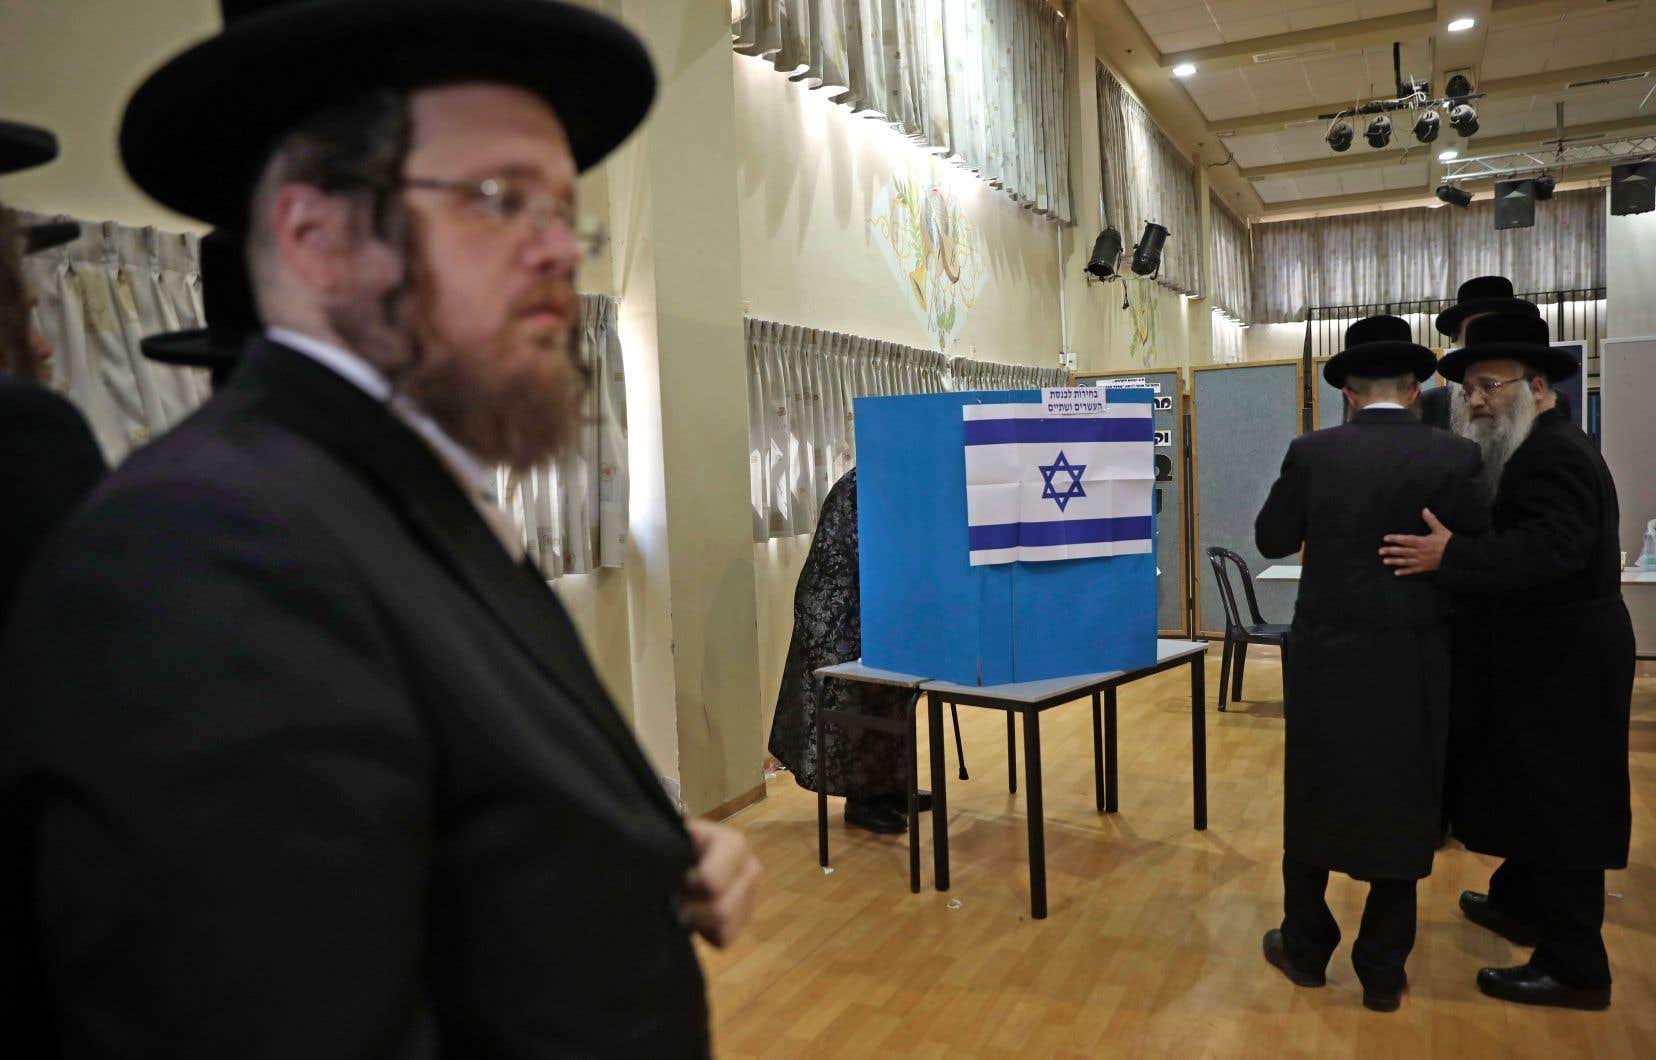 À Bnei Brak, des juifs ultra-orthodoxes attendent que leur rabbin enregistre son vote pour se rendre aux urnes à leur tour.